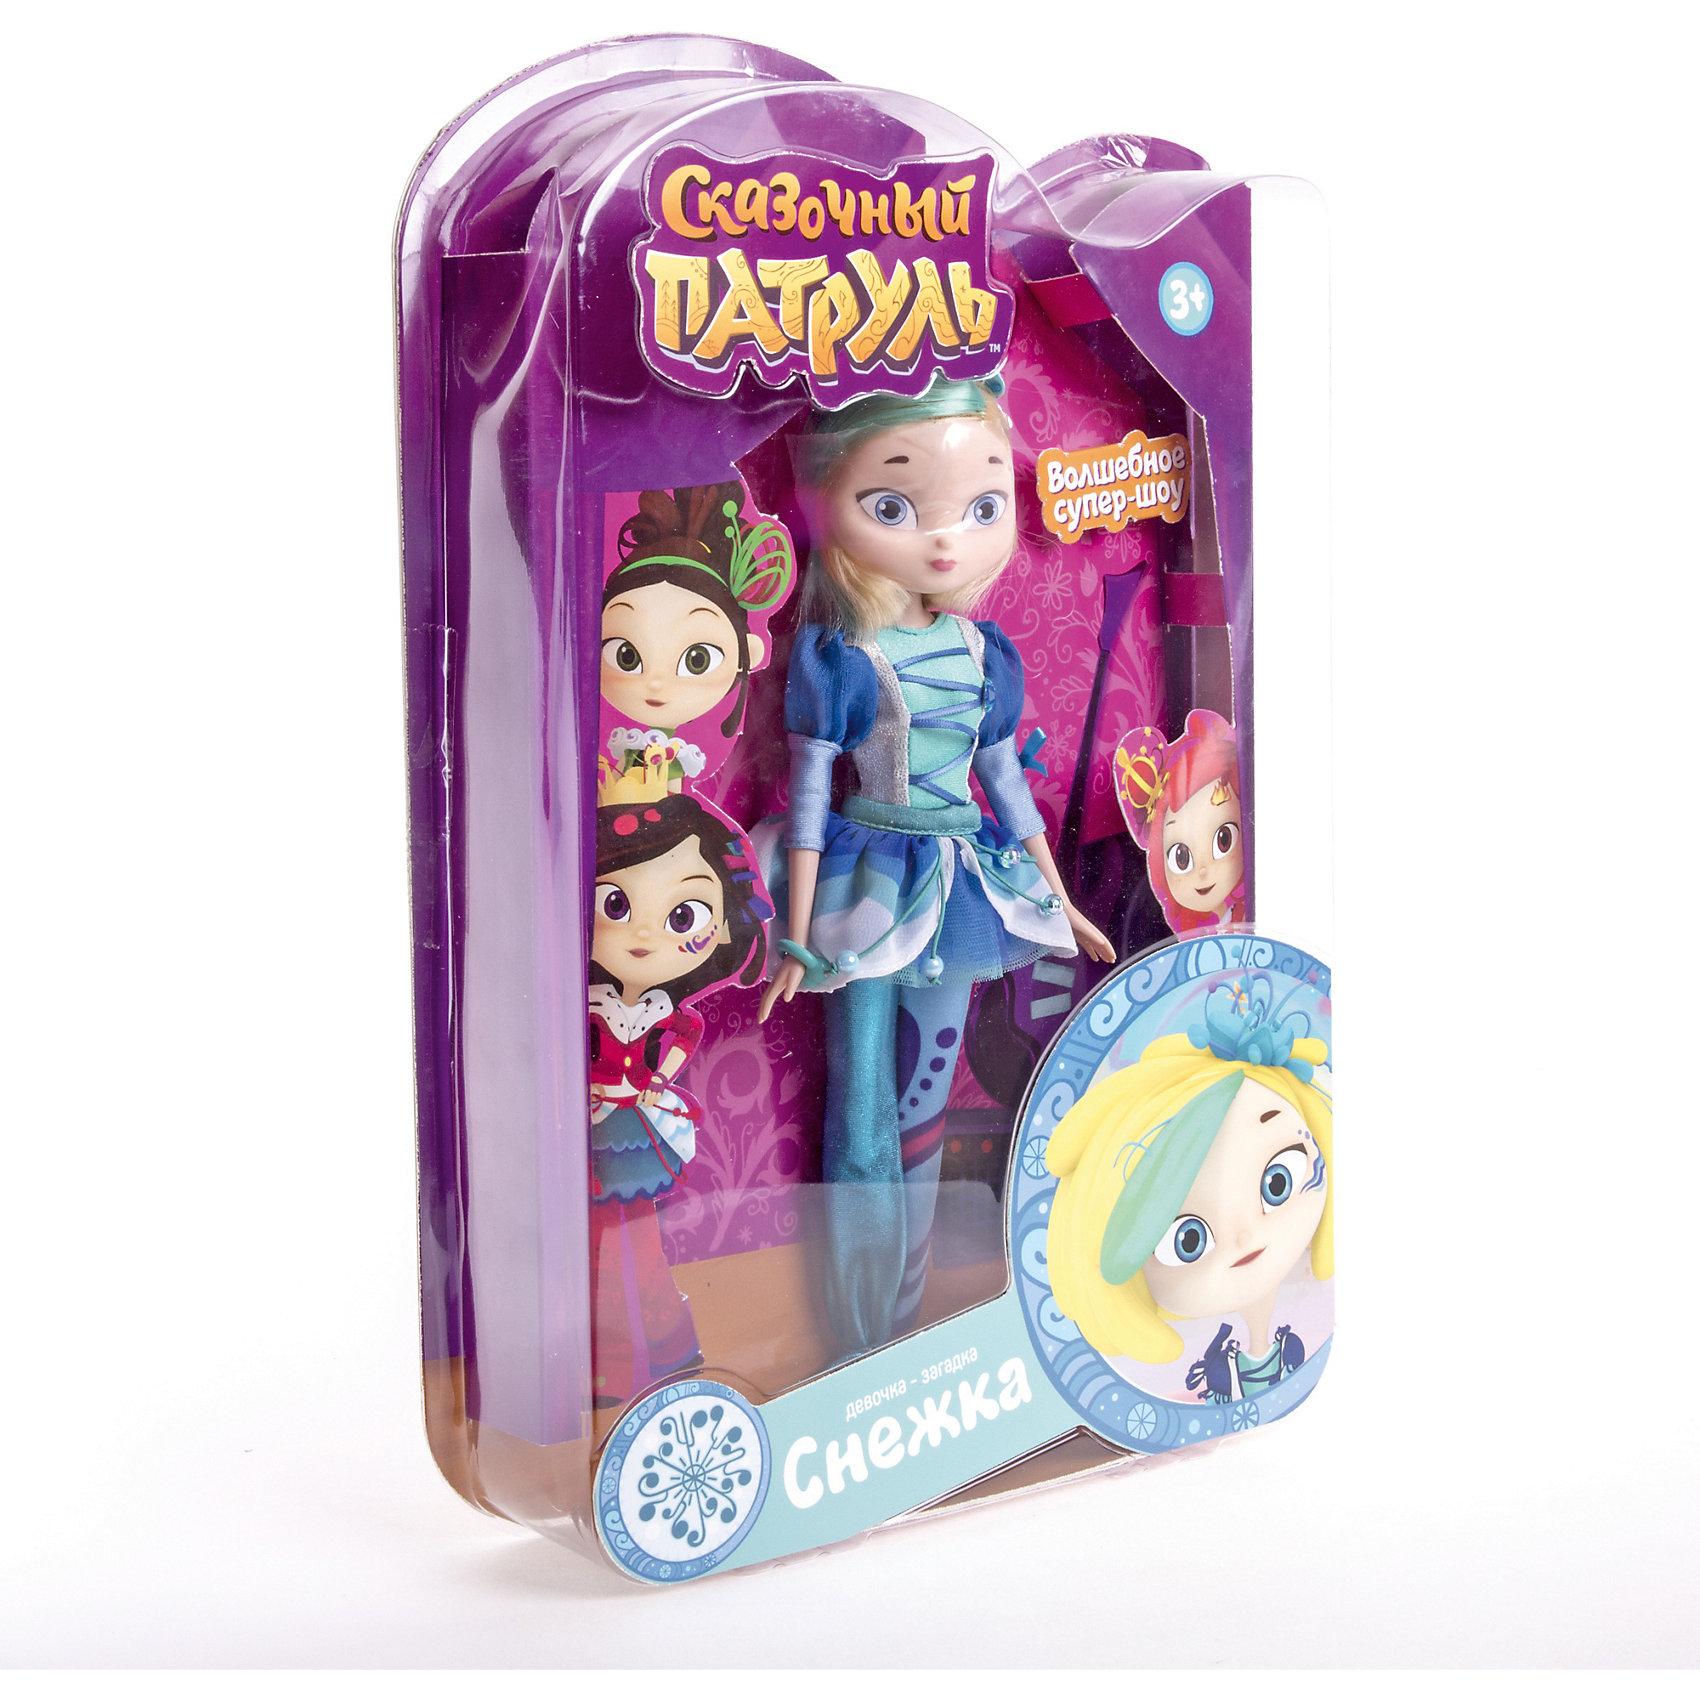 Куклы Сказочный патруль в СергиевомПосаде